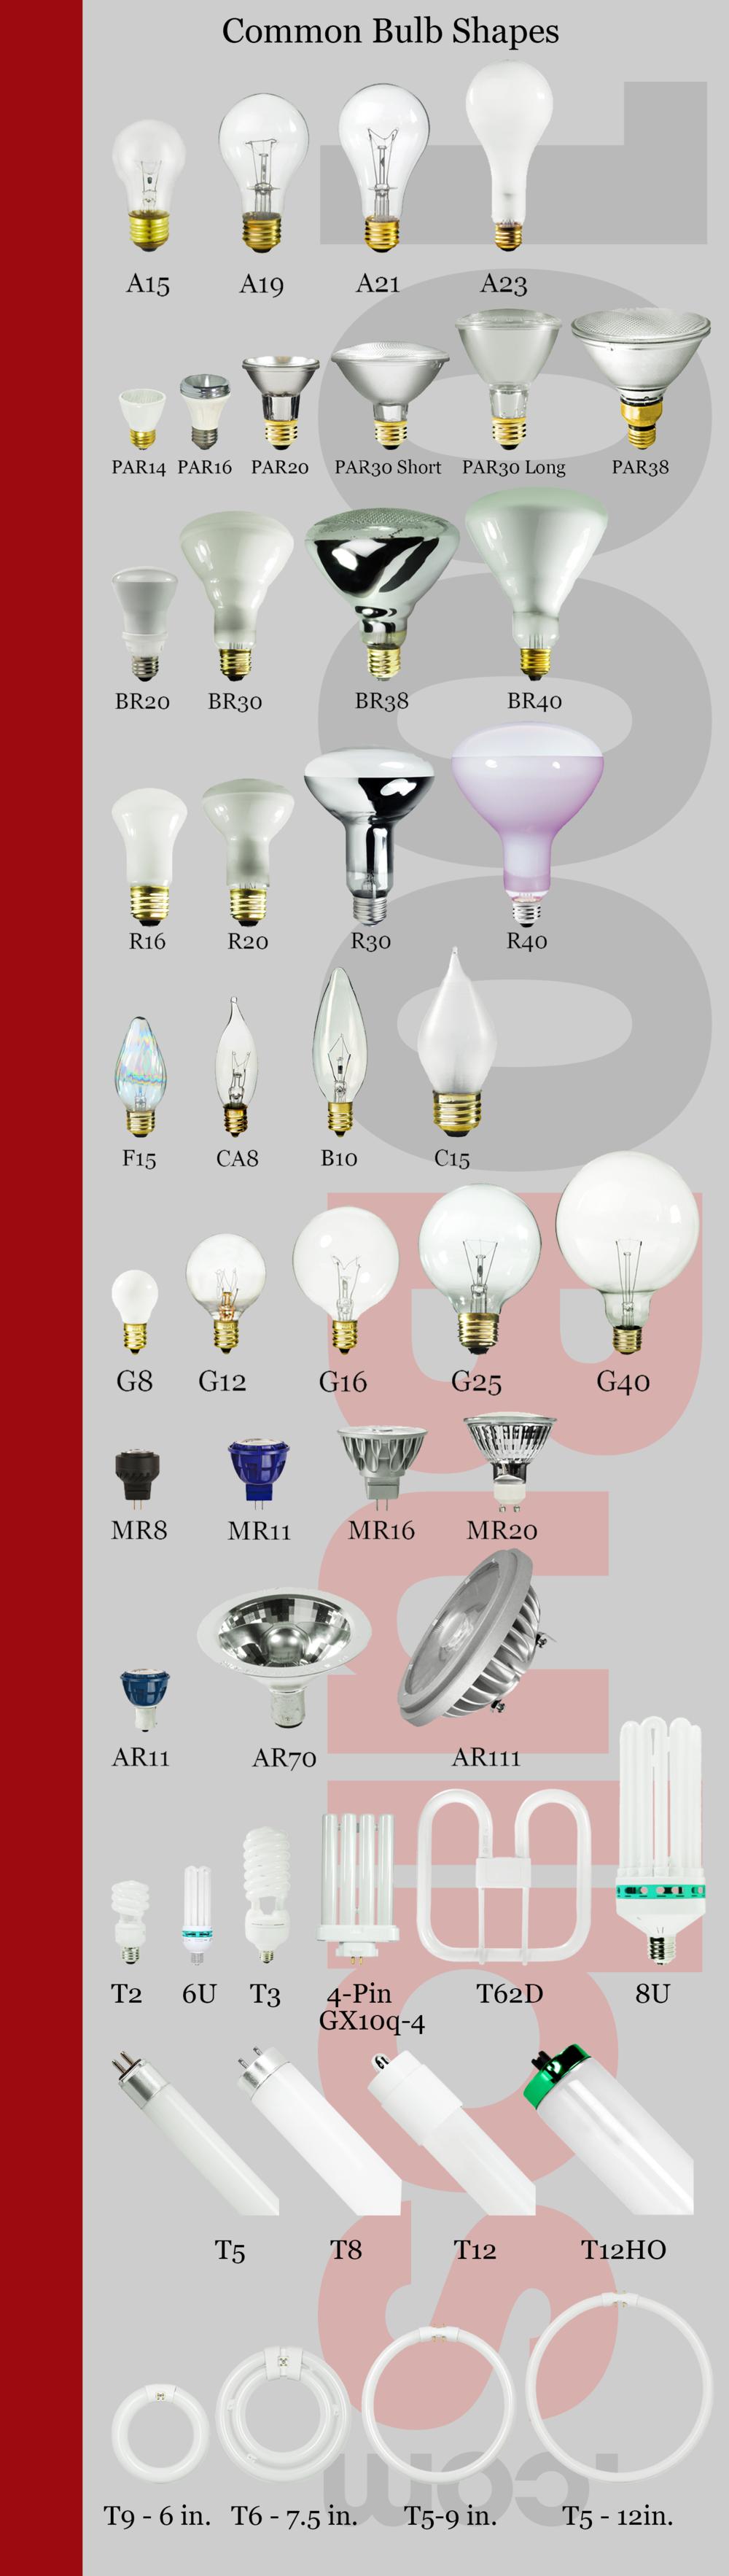 all-bulb-shapes-diagram.png